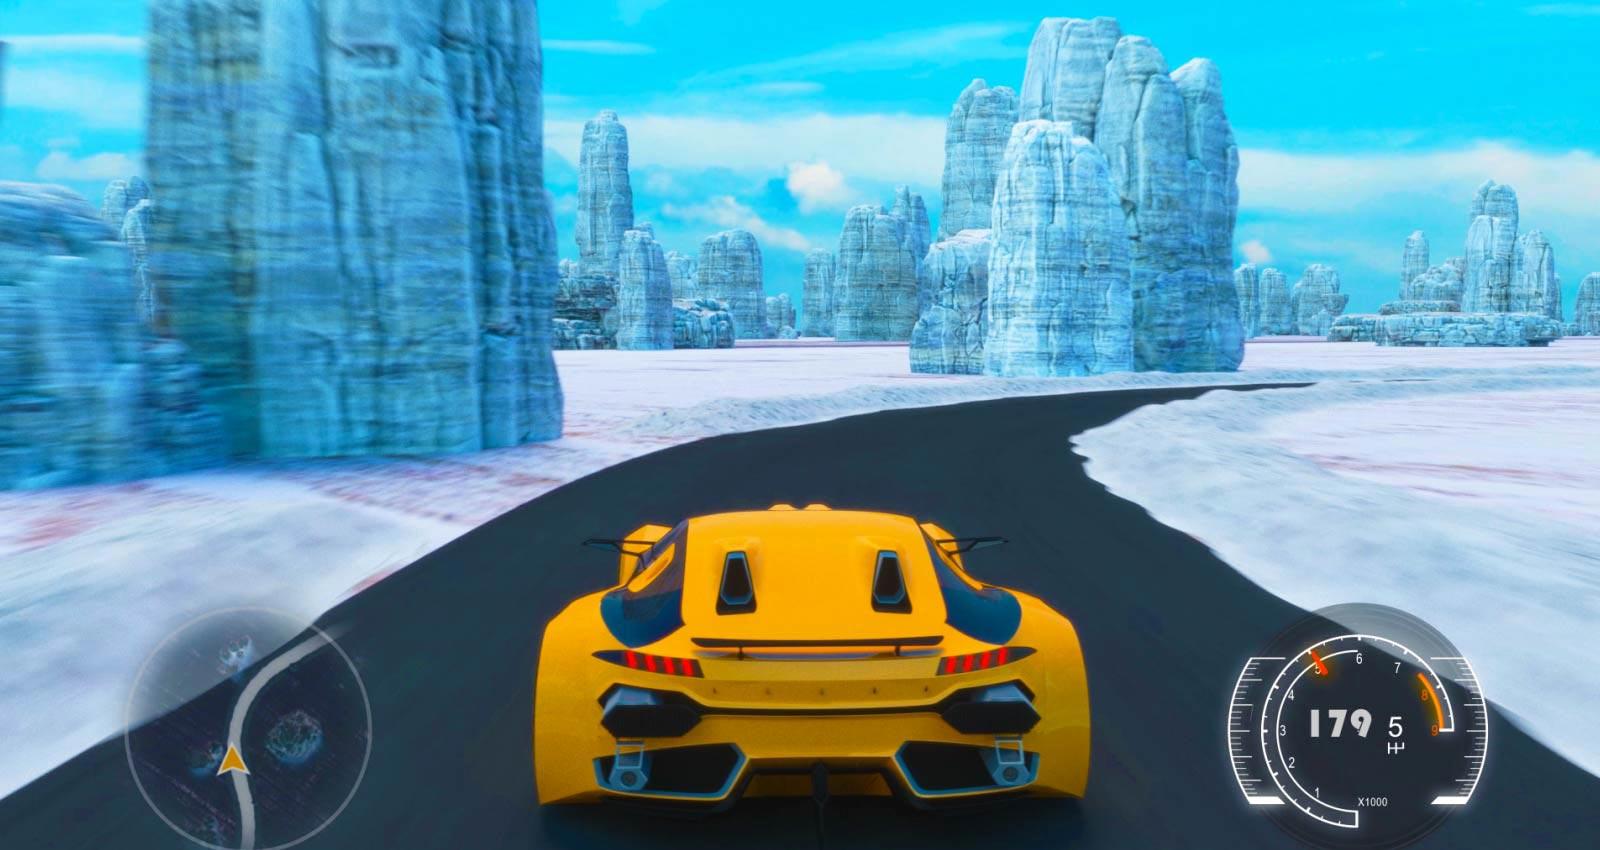 Σκηνή από ένα παιχνίδι αγώνων ταχύτητας σε μια οθόνη τηλεόρασης (αναπαραγωγή βίντεο).